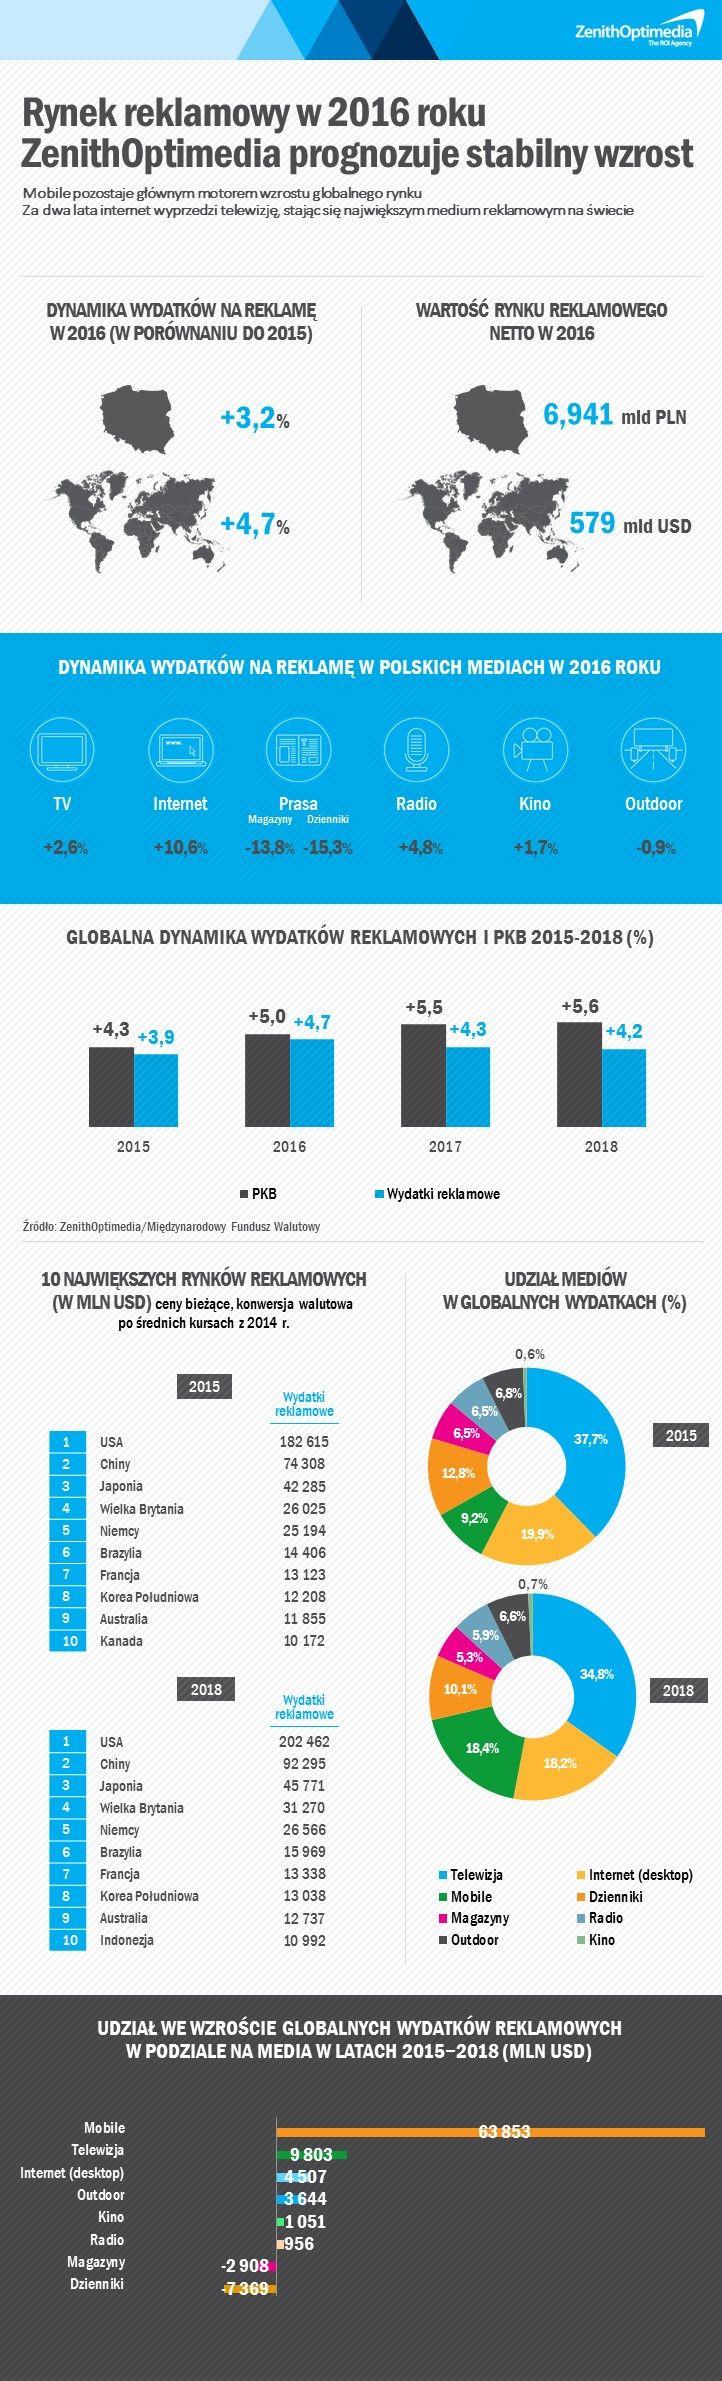 Prognoza wydatków reklamowych_ZenithOptimedia_2016.jpg (722×2381)